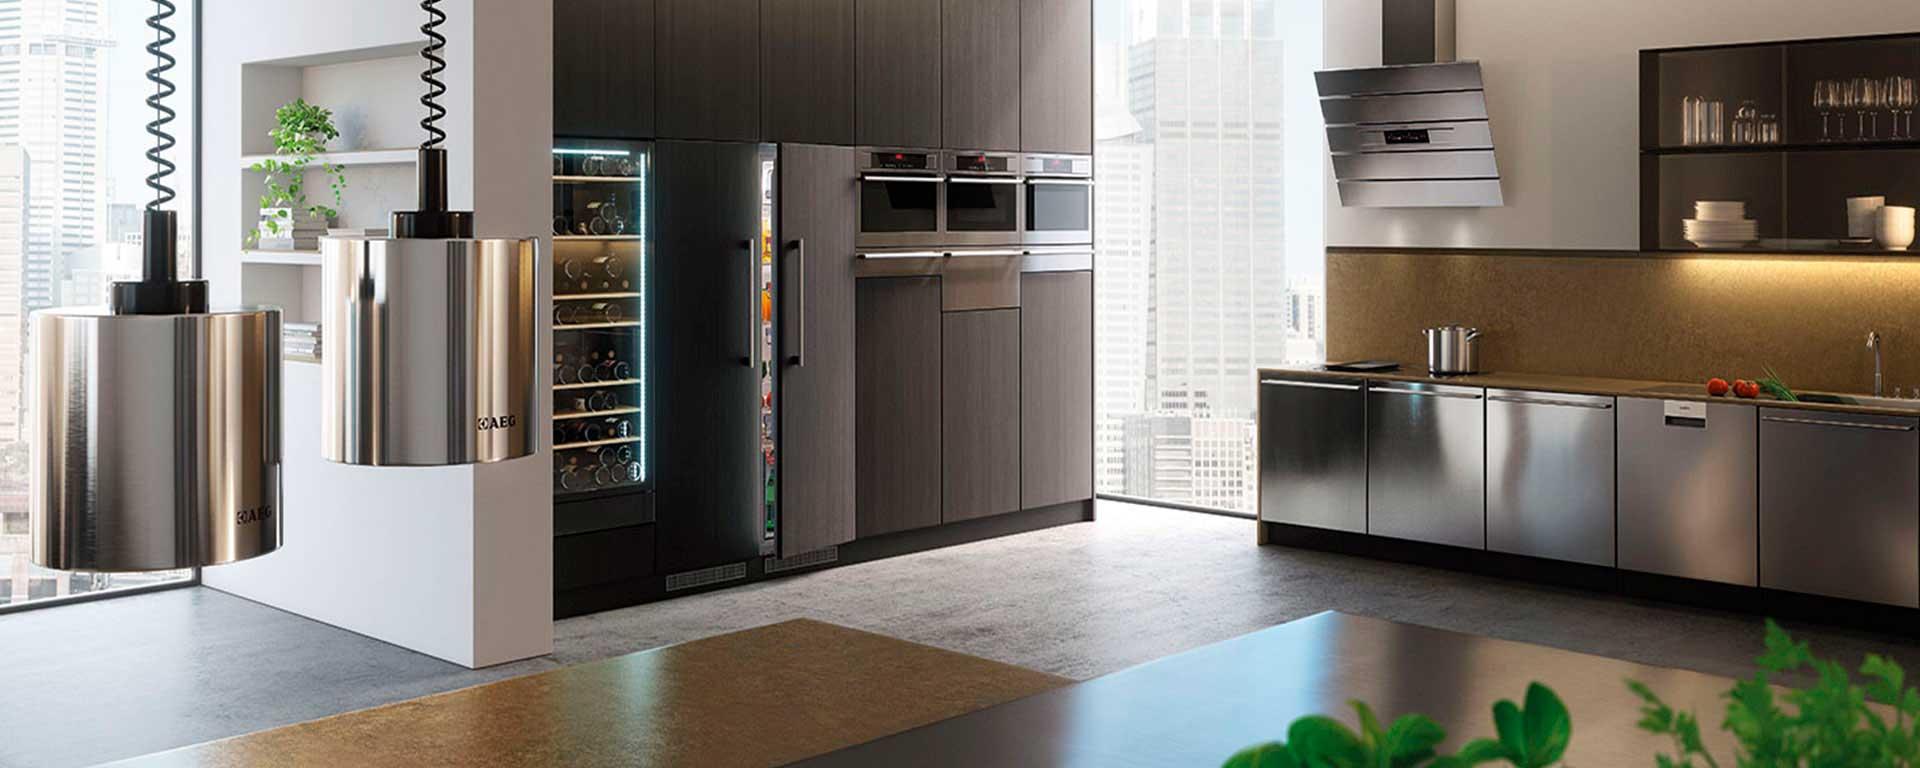 Ремонт кухни 5-5,5 кв. метров